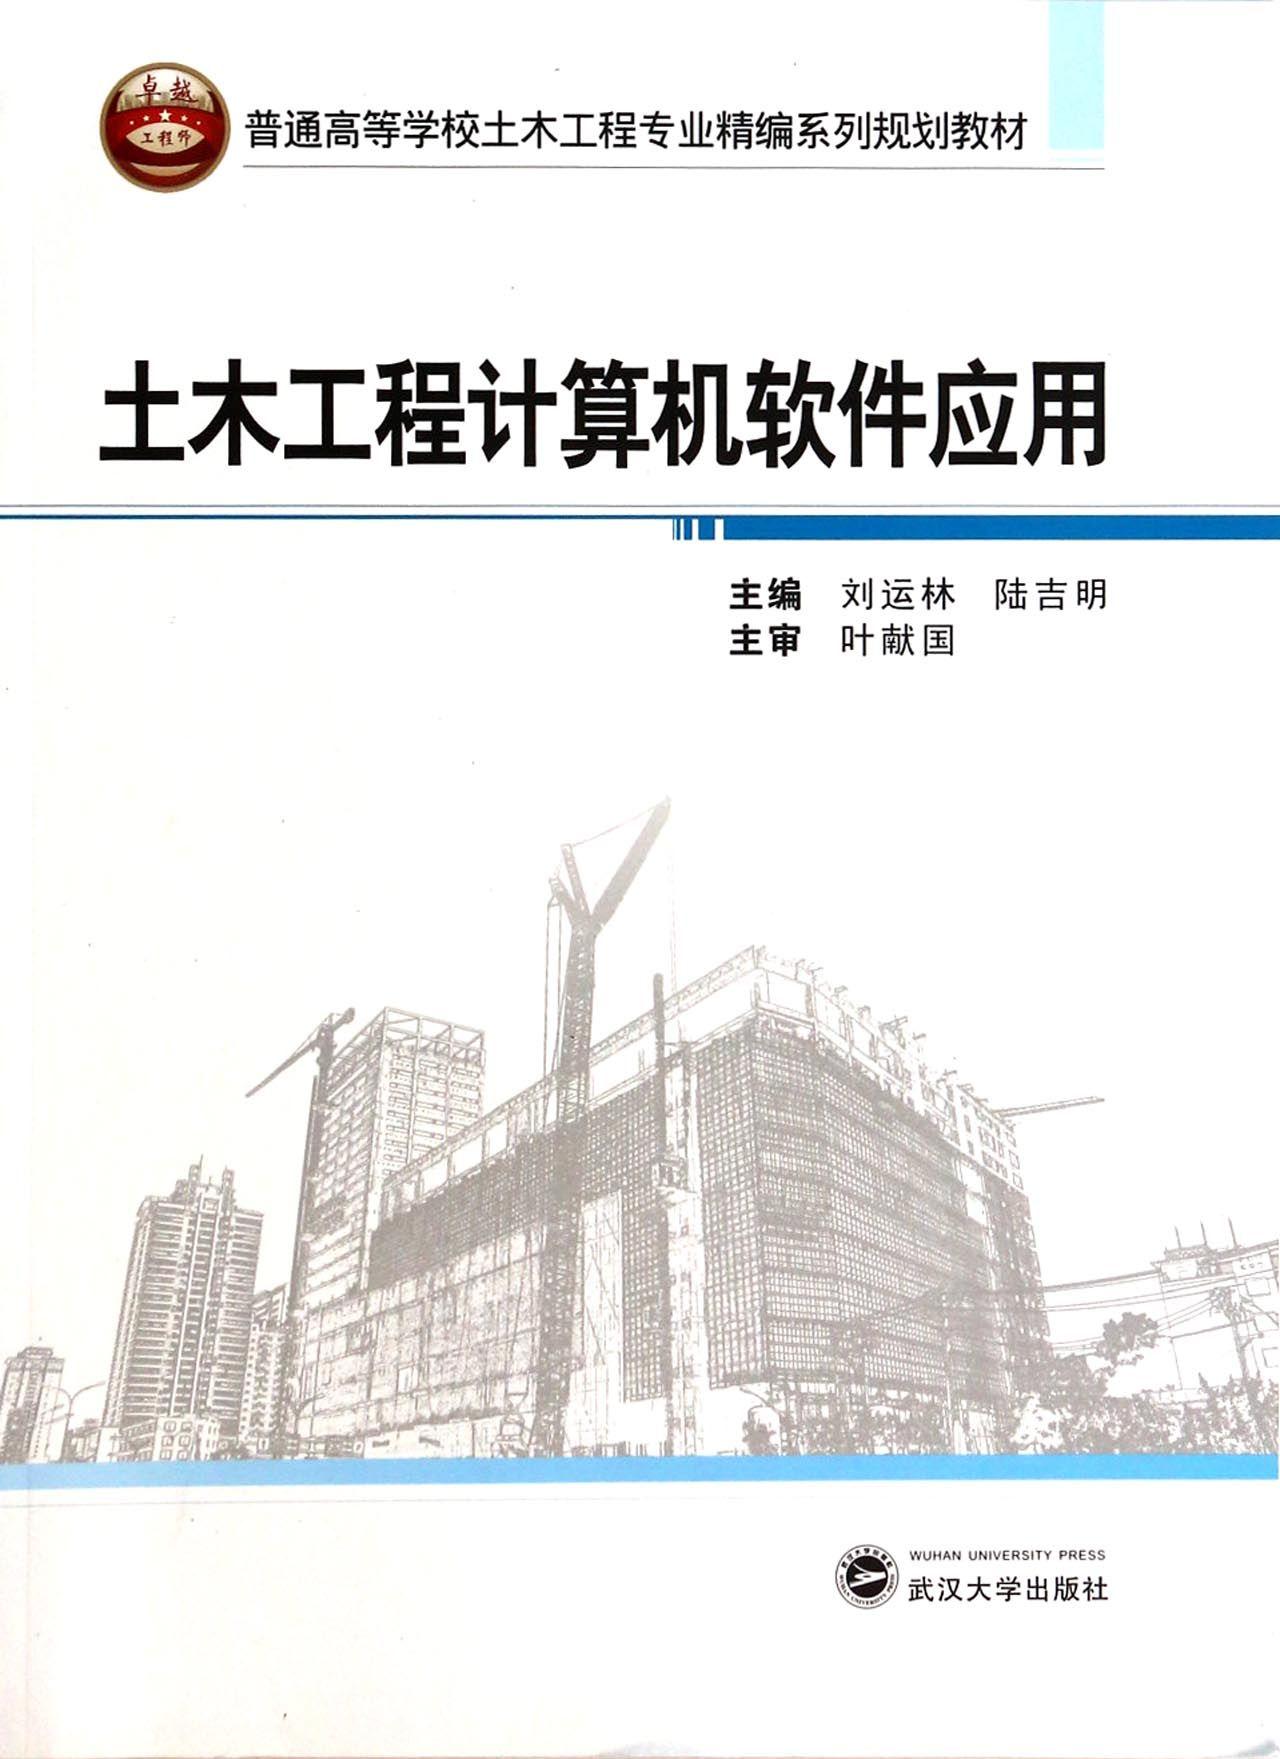 土木工程计算机软件应用(普通高等学校土木工程专业)